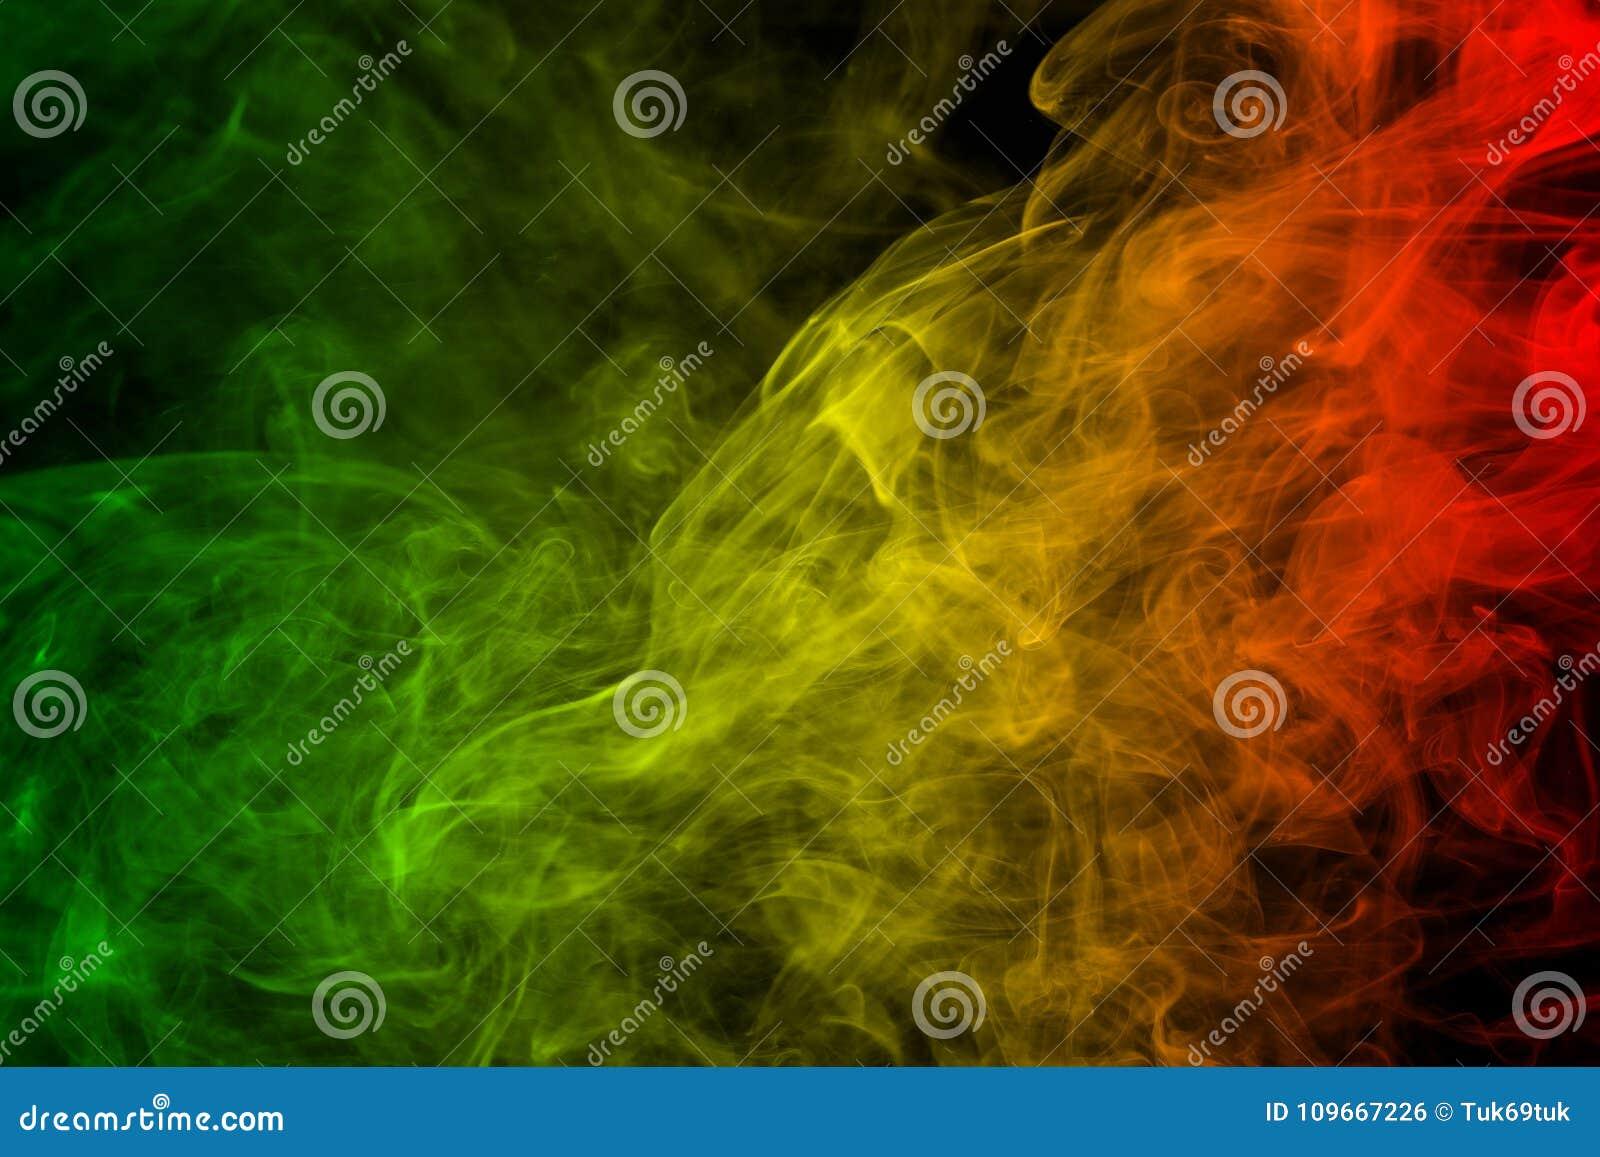 背景烟曲线和波浪雷鬼摇摆乐上色绿色,黄色,在雷鬼摇摆乐音乐旗子红颜色